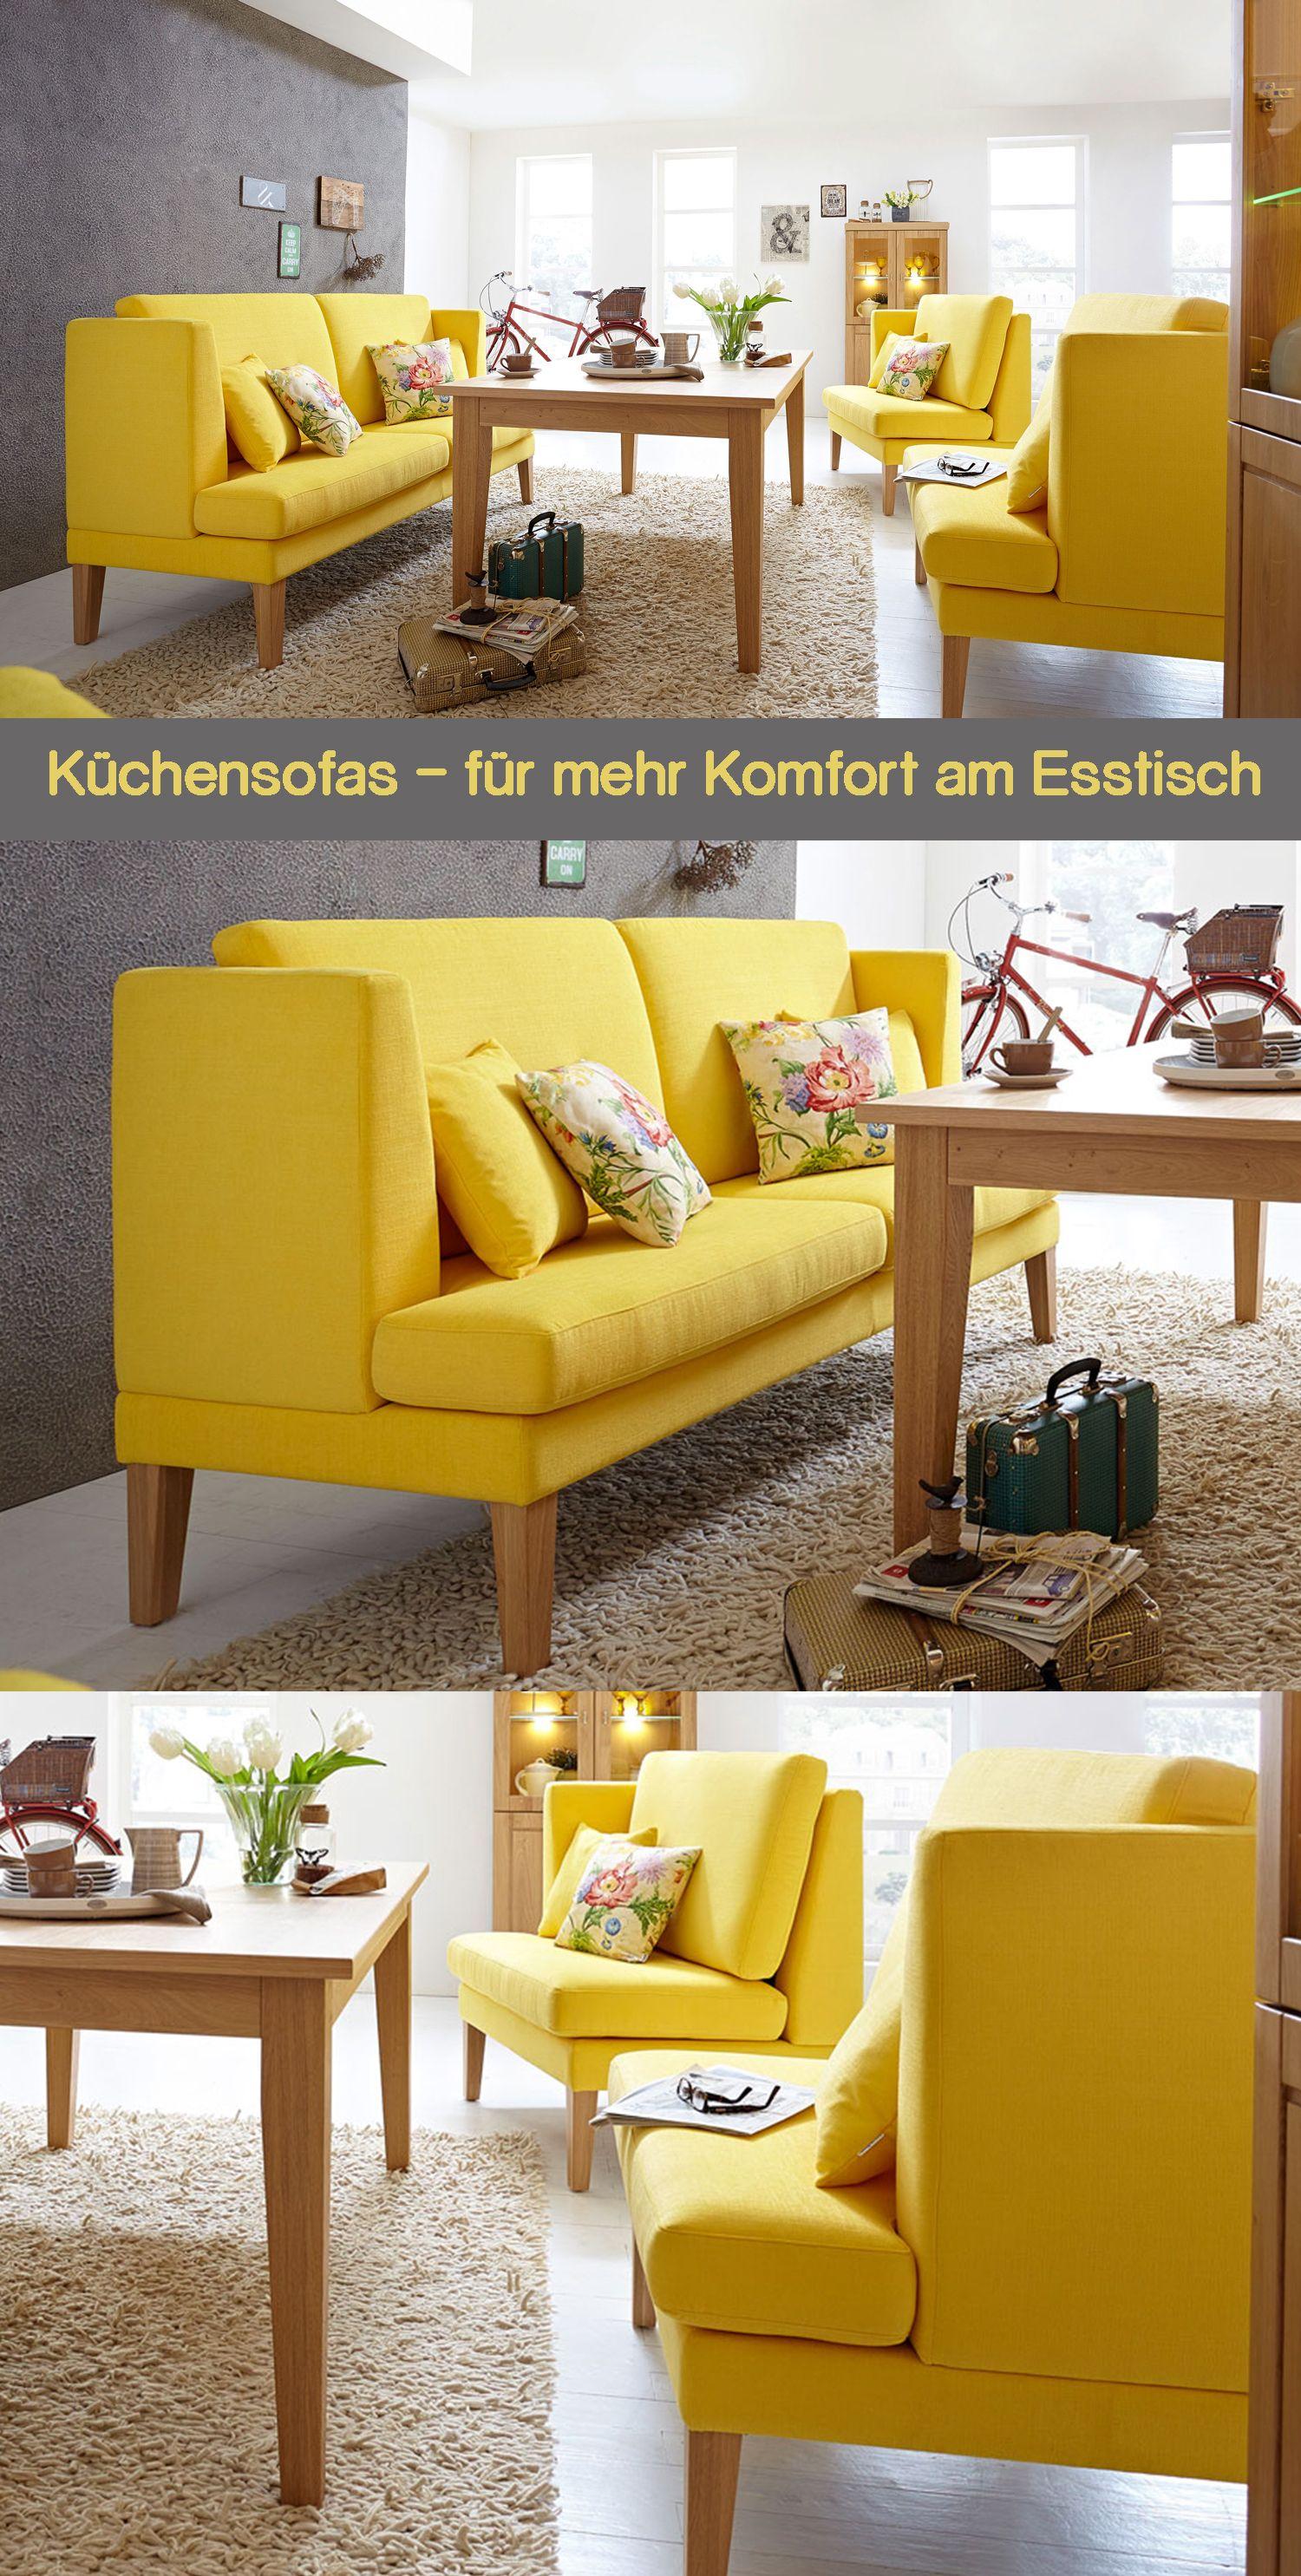 Kuchensofas Fur Mehr Komfort Am Esstisch Kuchen Sofa